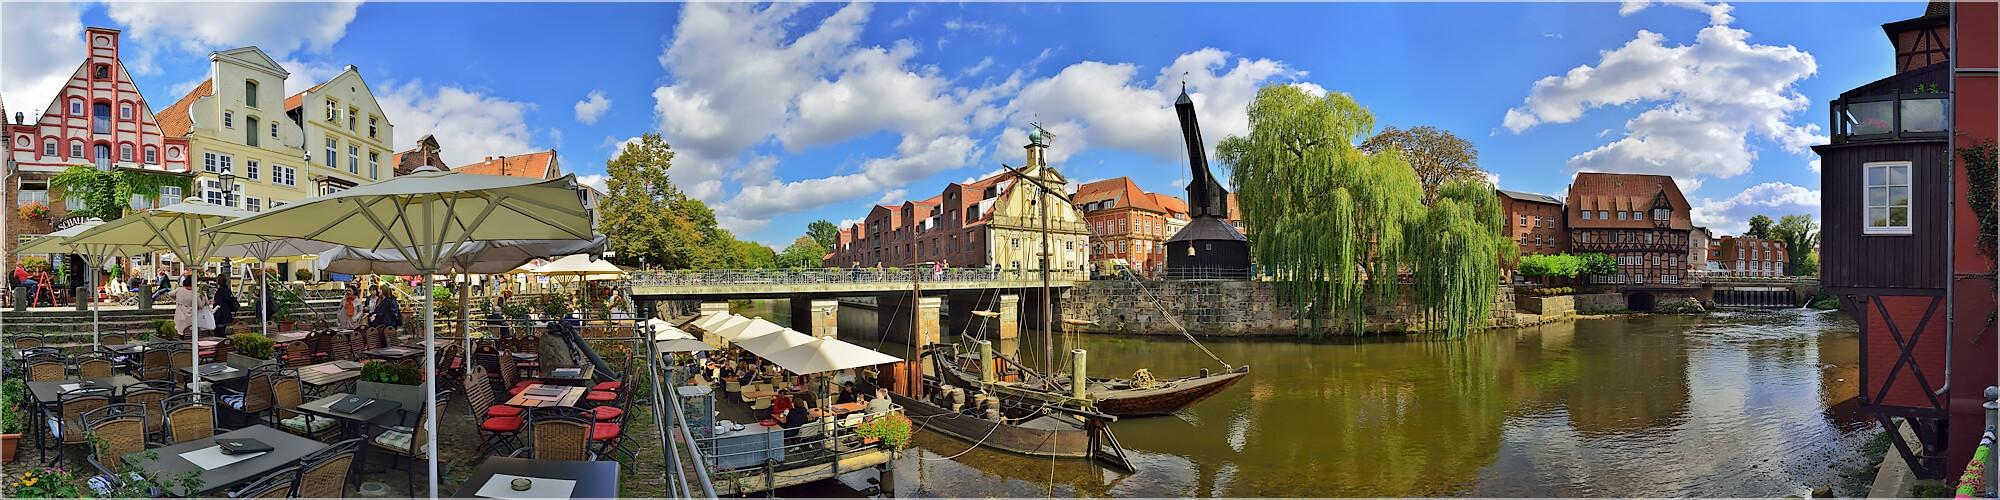 Panoramabild Lüneburg Wasserviertel mit altem Kran